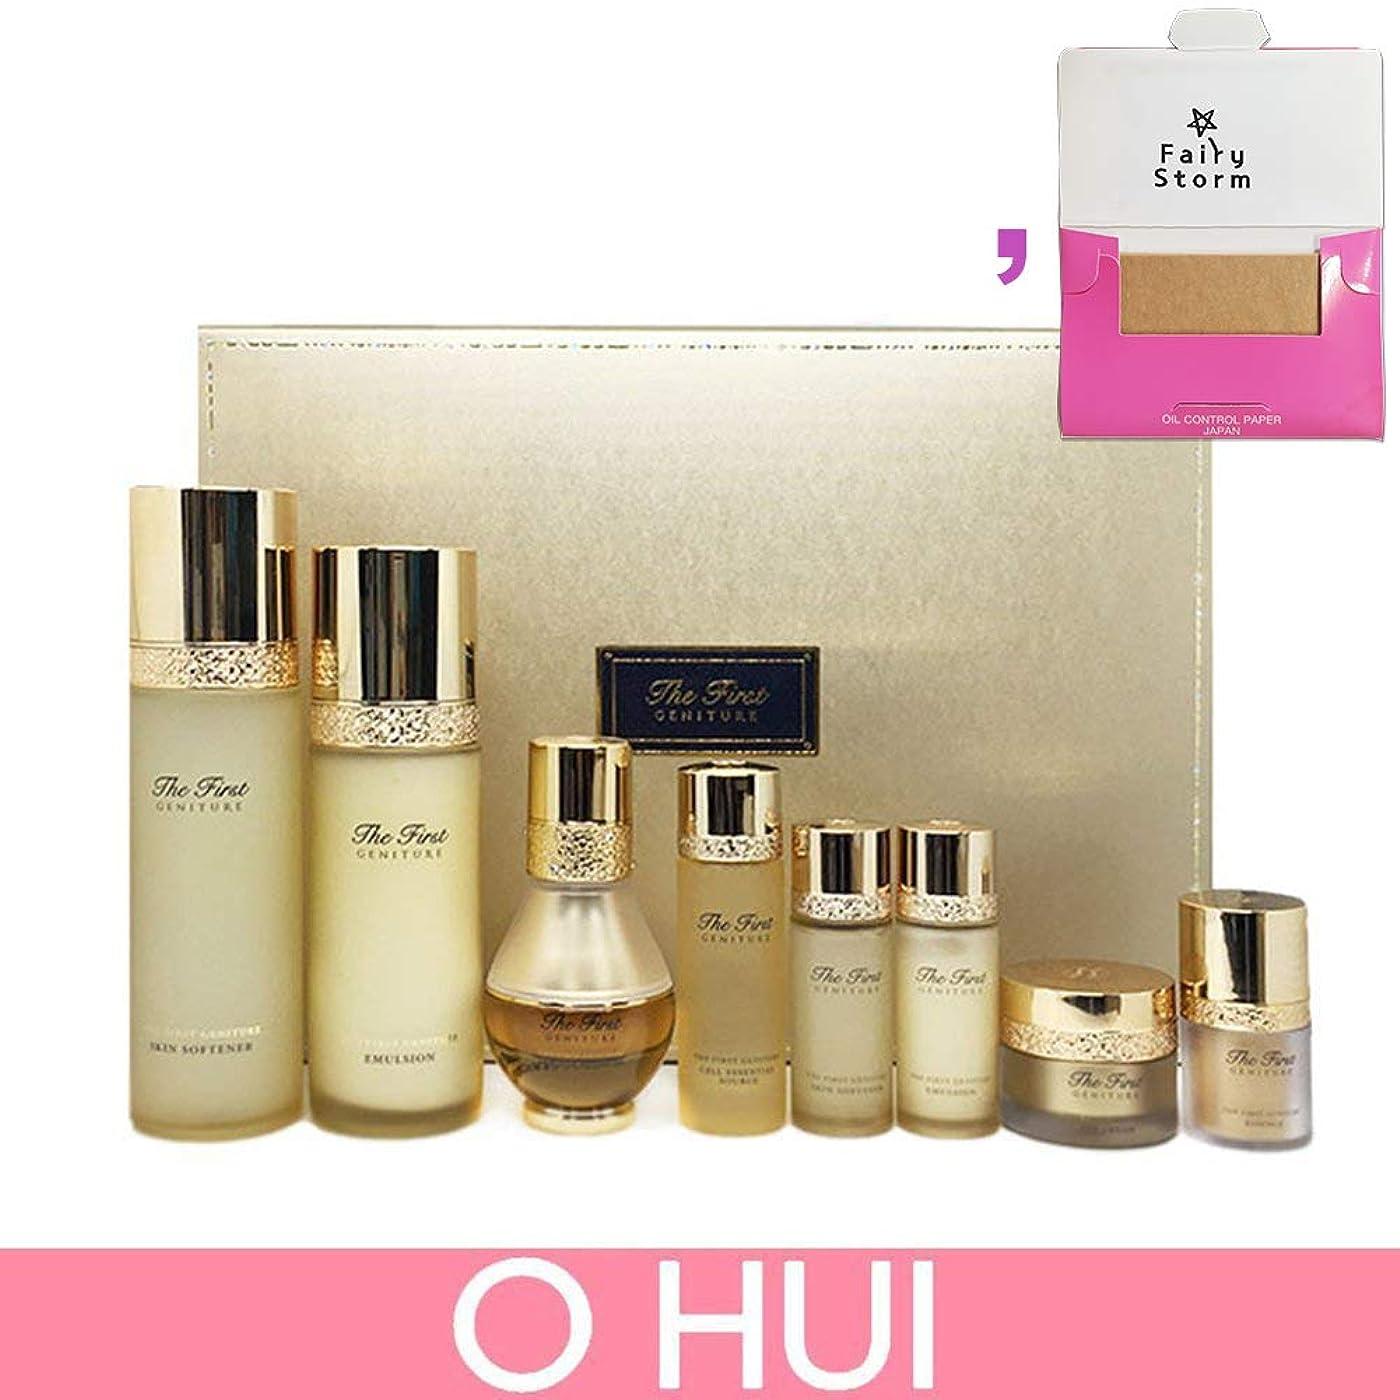 学んだ名前巡礼者[オフィ/O HUI]韓国化粧品 LG生活健康/O HUI THE FIRST 3EA SET/オフィ ザ?ファースト 3点セット + [Sample Gift](海外直送品)